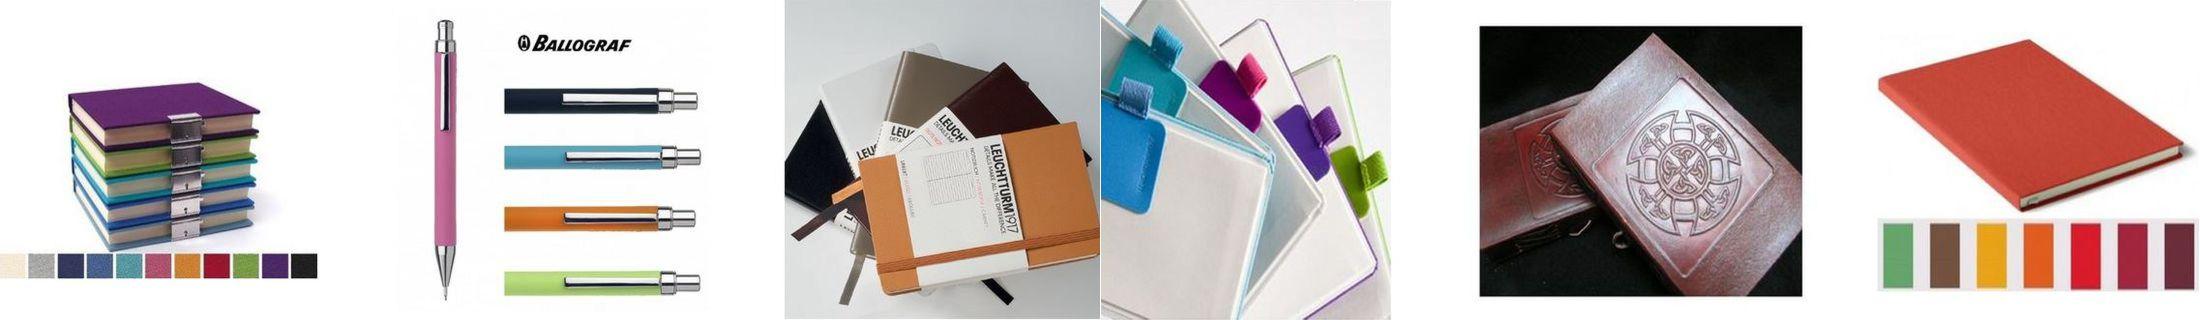 Dagboeken notitieboeken schrijfgerei